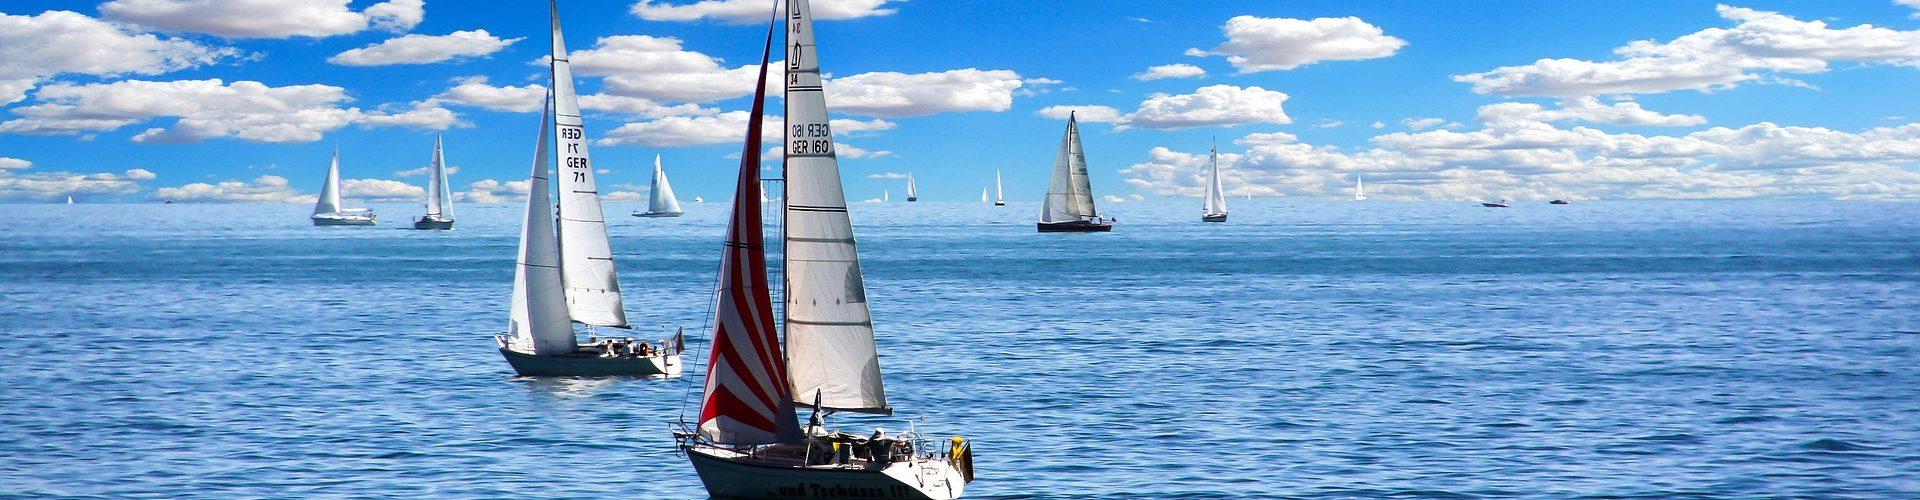 segeln lernen in Kyritz segelschein machen in Kyritz 1920x500 - Segeln lernen in Kyritz